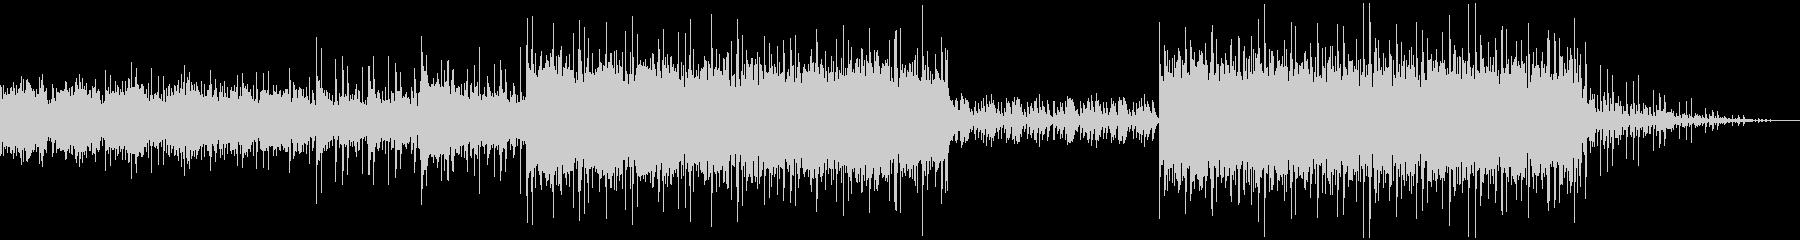 マリンバを多用した異国風音楽の未再生の波形